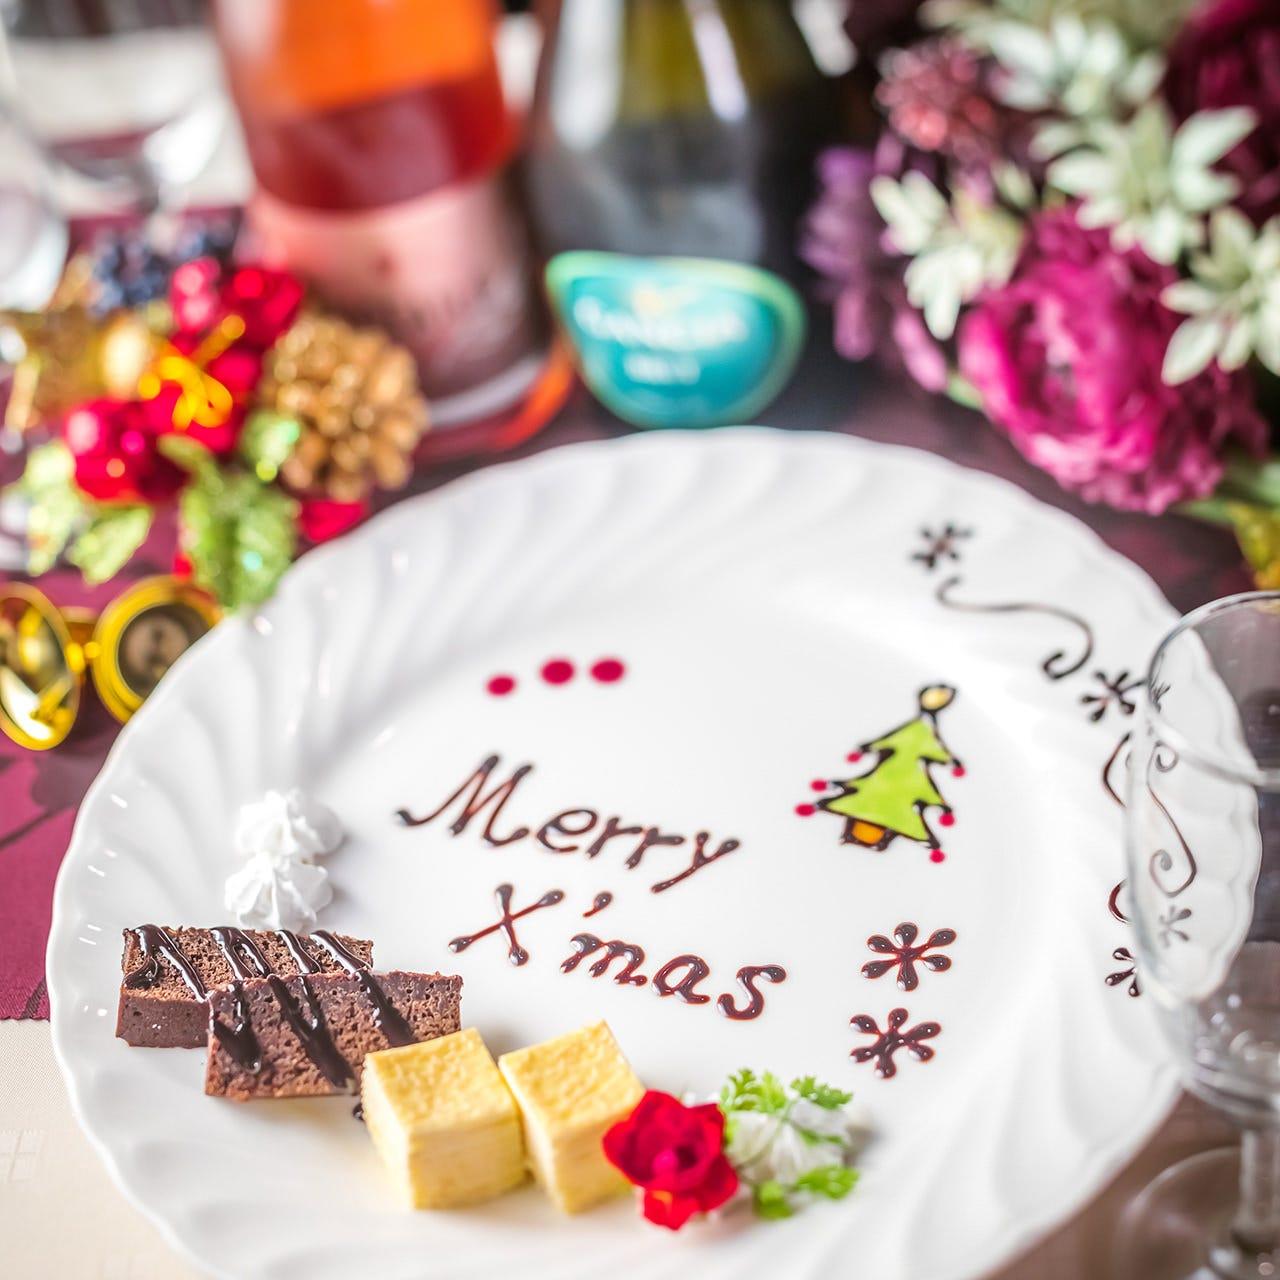 仲間との忘年会やクリスマスパーティーに、ぜひご活用ください